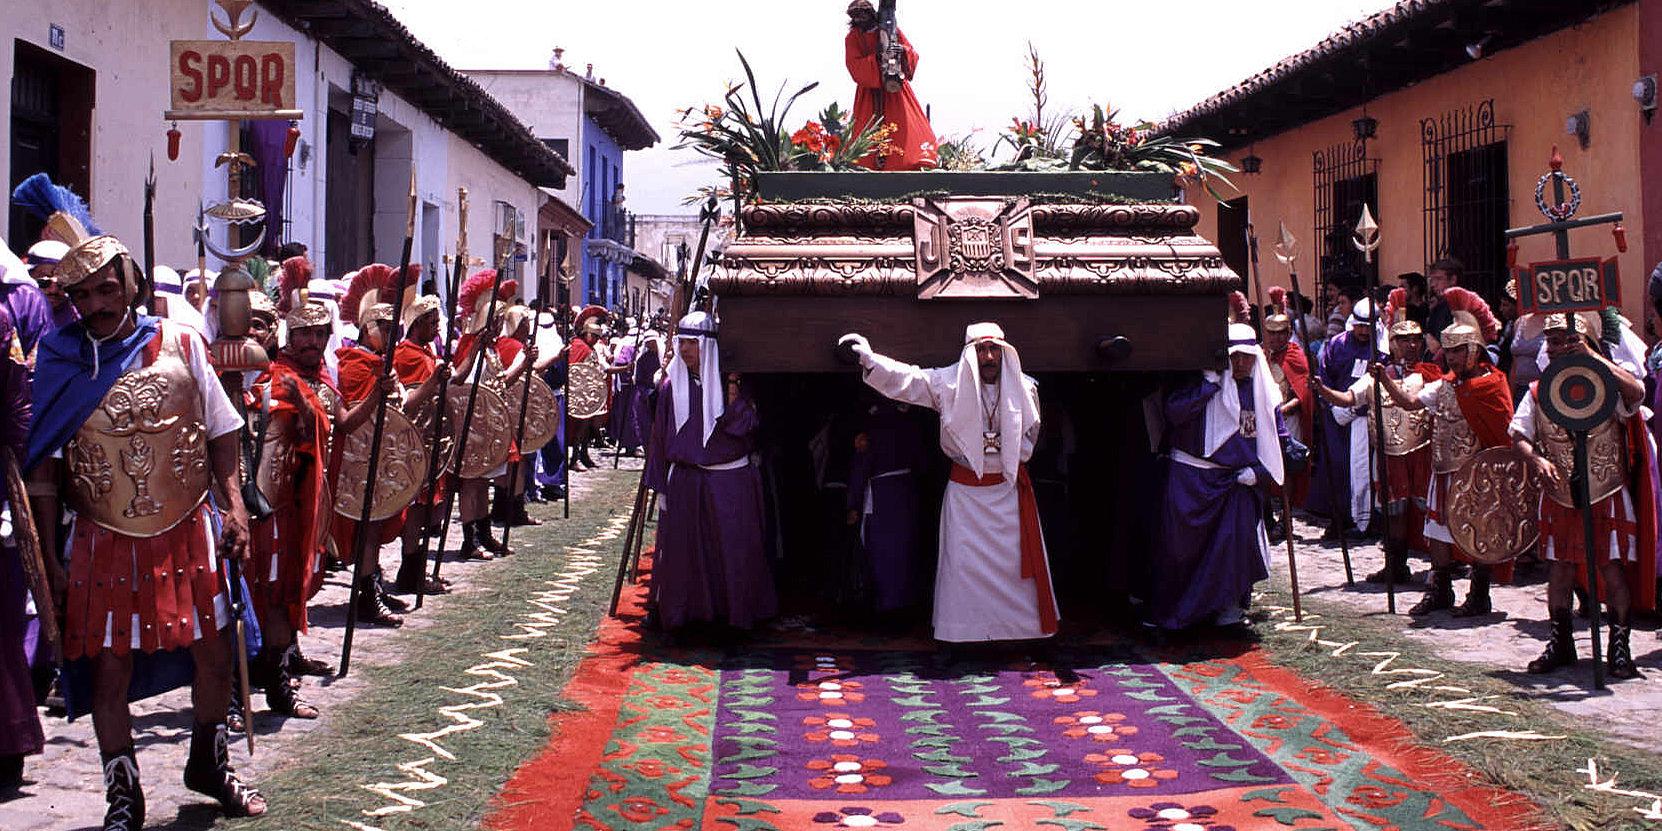 Jak świętuje się Wielki Tydzień w Gwatemali